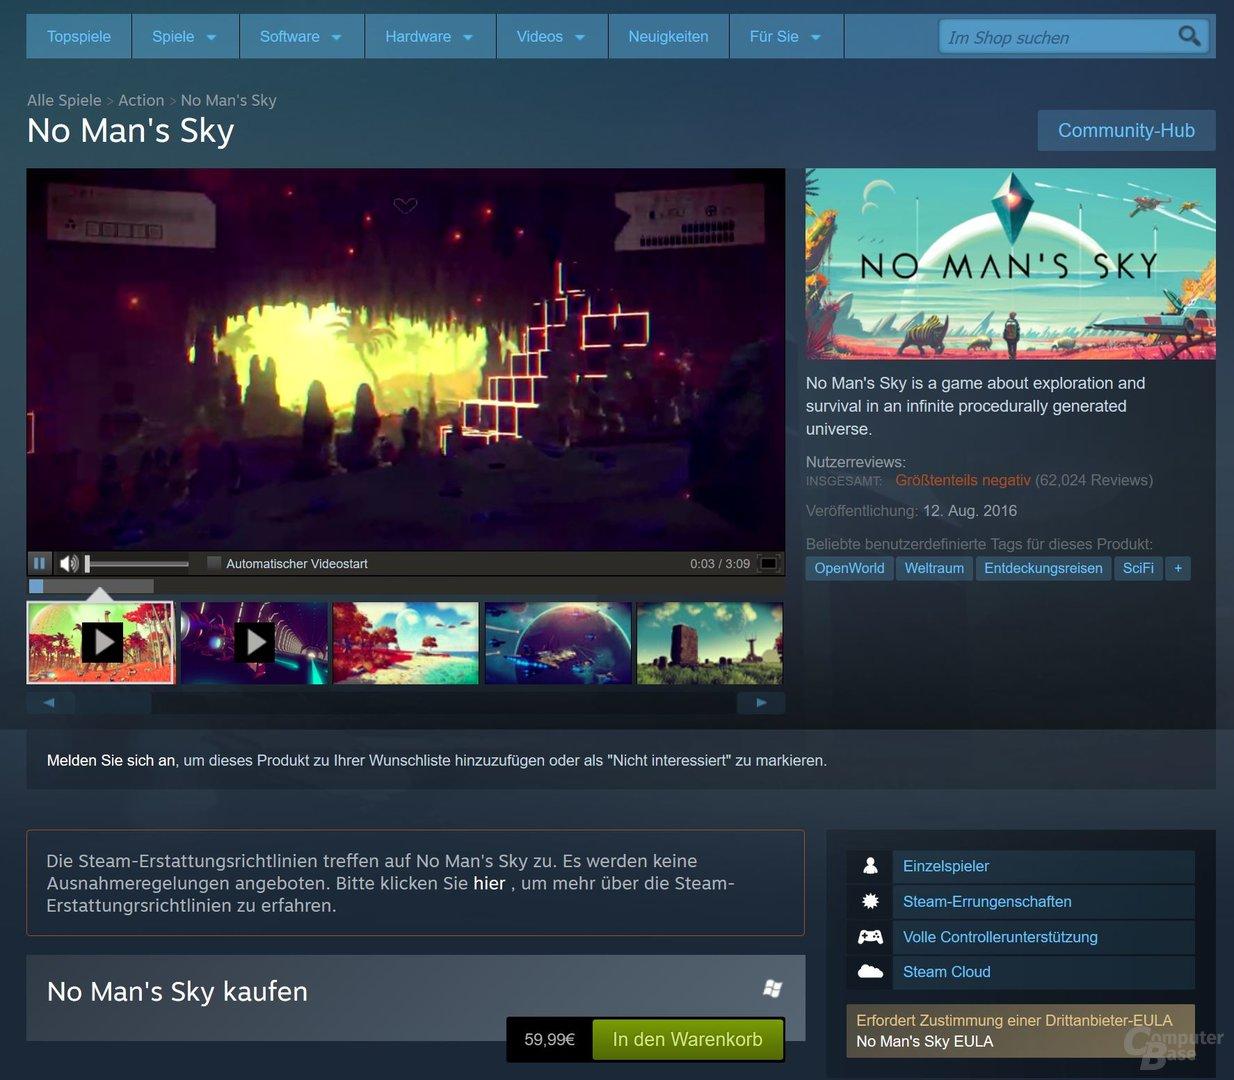 Steam weist nun offen auf die Rückgabebedingungen hin